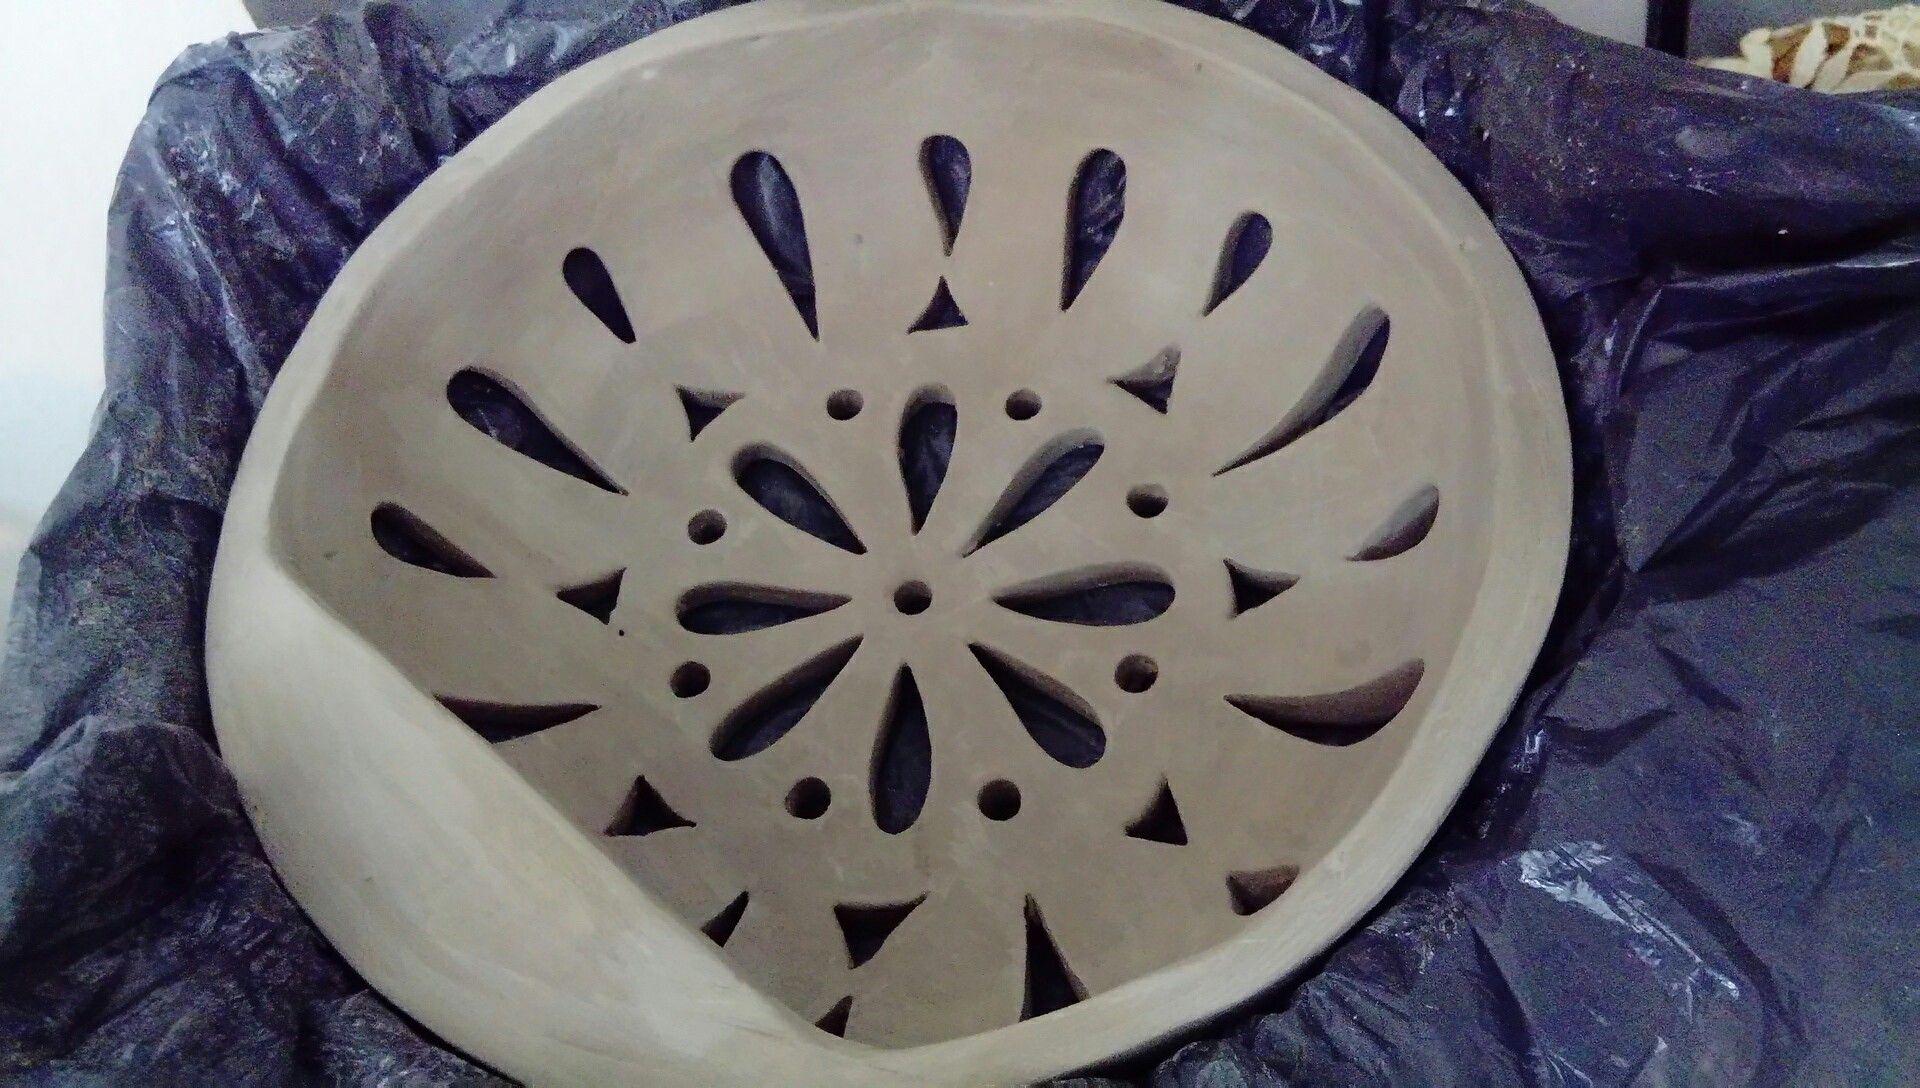 Aplique De Pared Calado Ceramica Artesanal Taller Ayllu Len Lamparas De Ceramica Lamparas De Pared